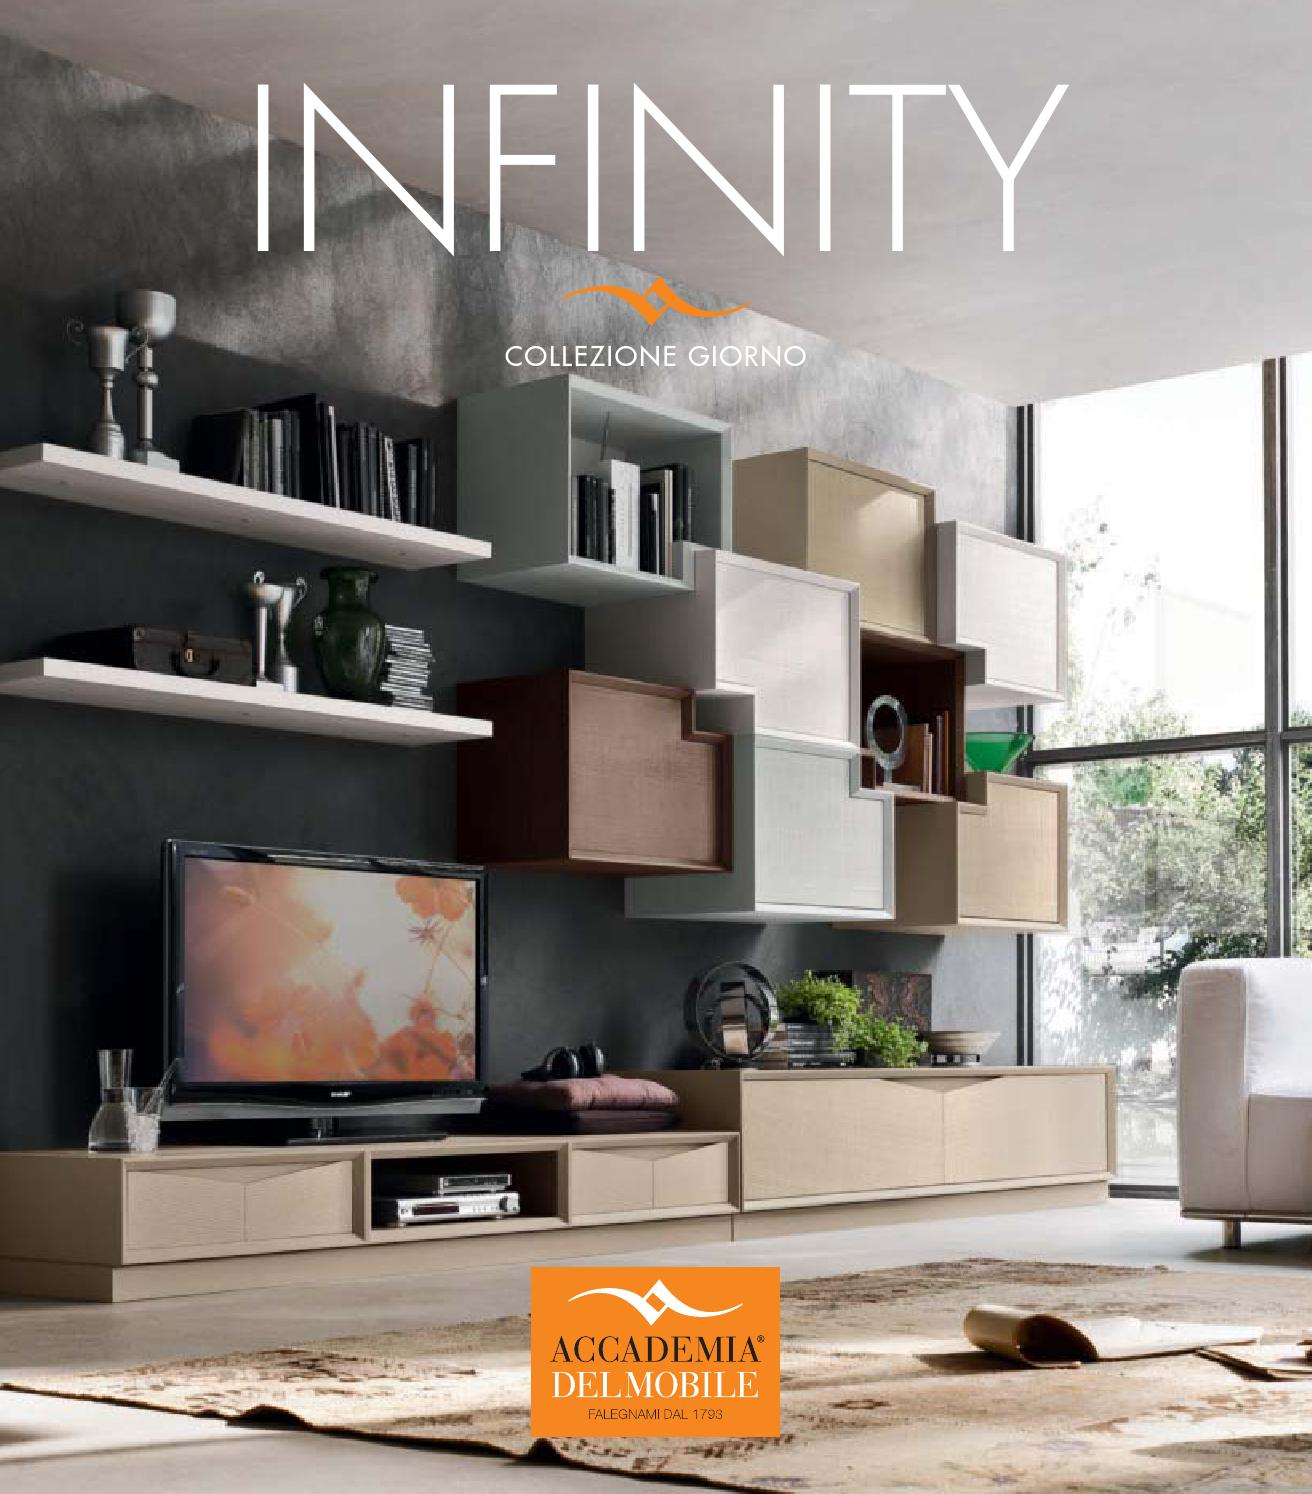 Accademia del mobile catalogo infinity giorno by - Accademia del mobile infinity ...